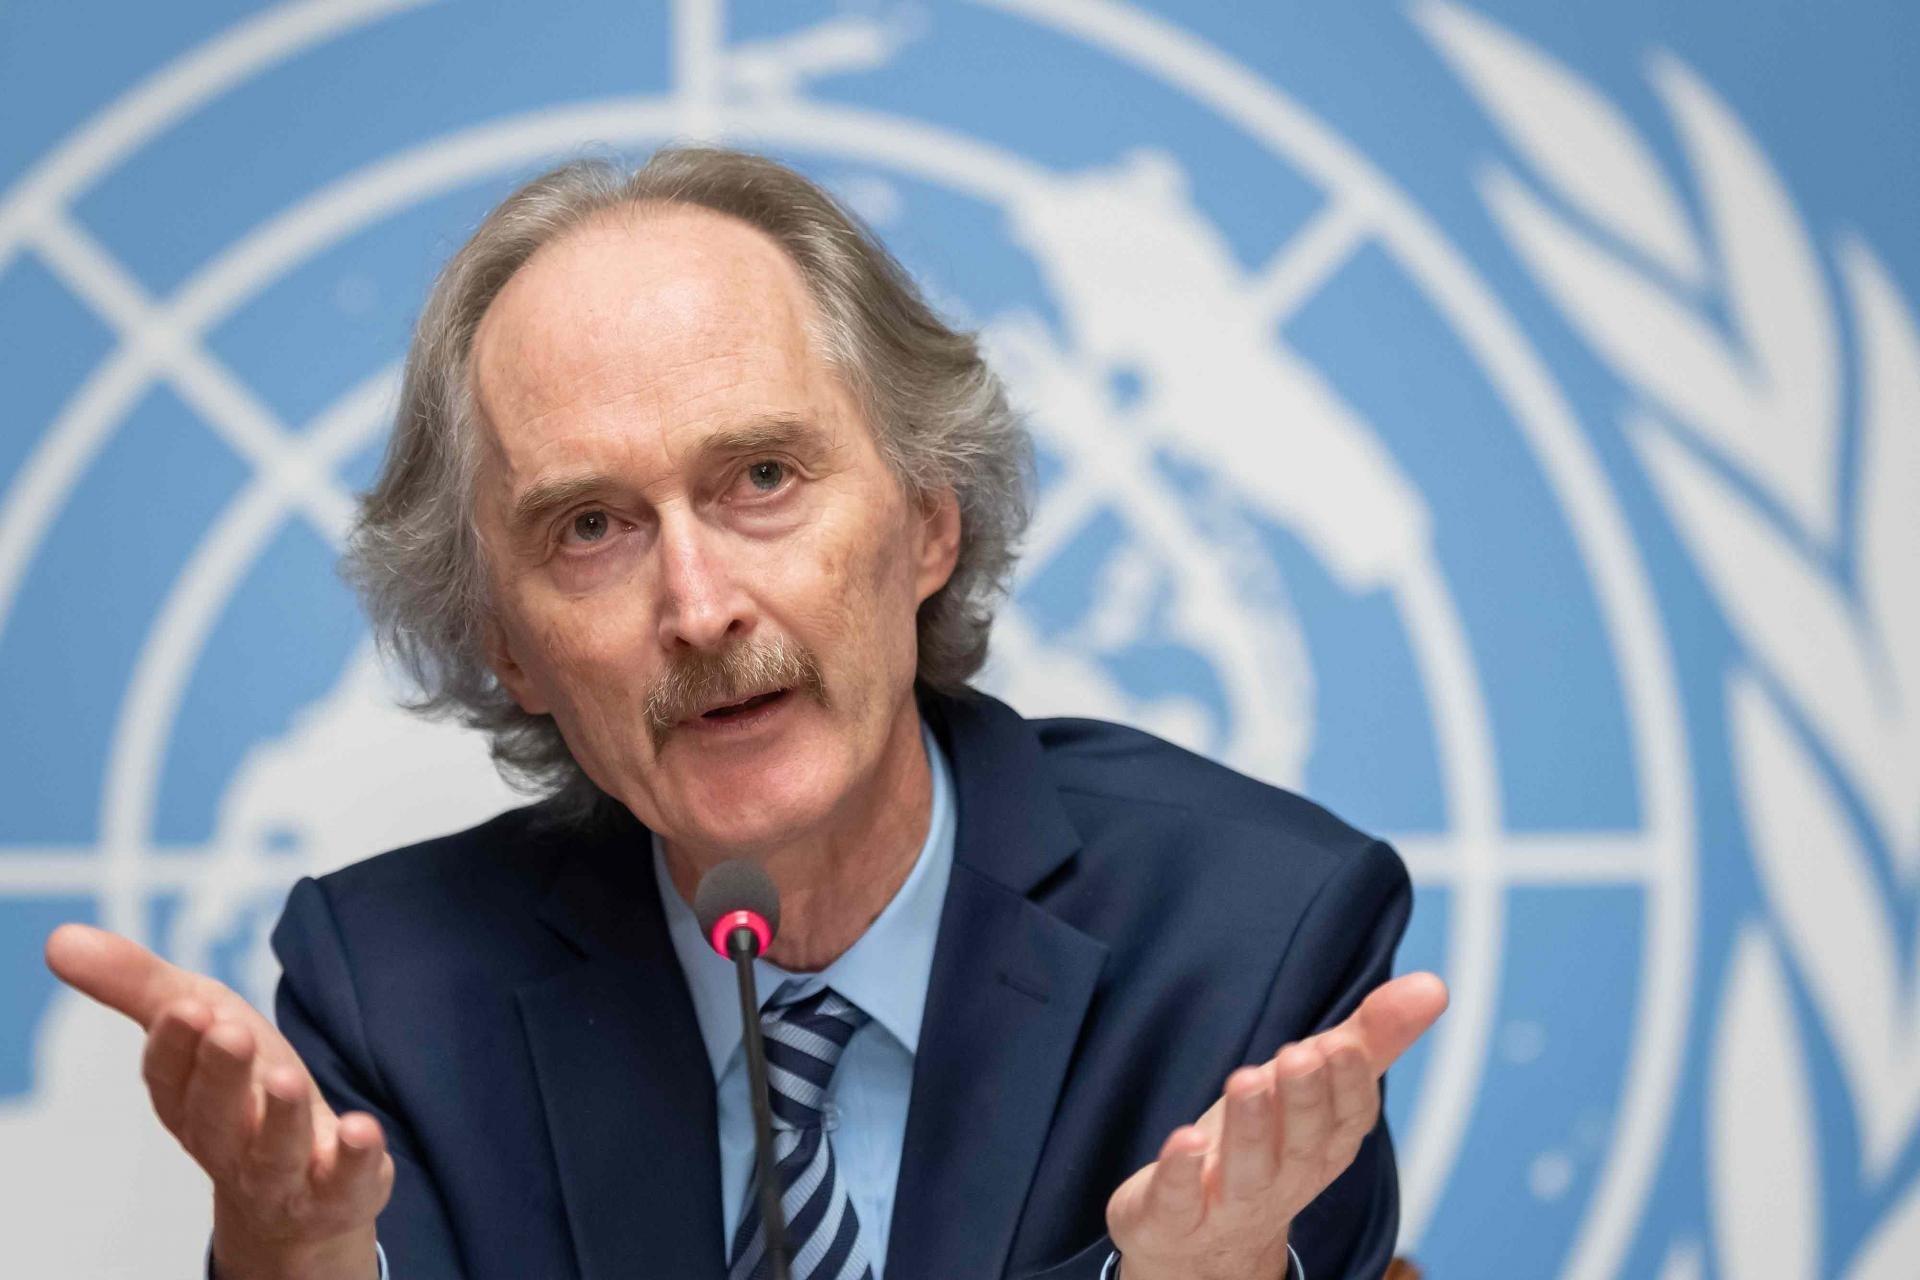 بيدرسون: العقوبات الأميركية على سوريا تضعف الوضع الاقتصادي أكثر